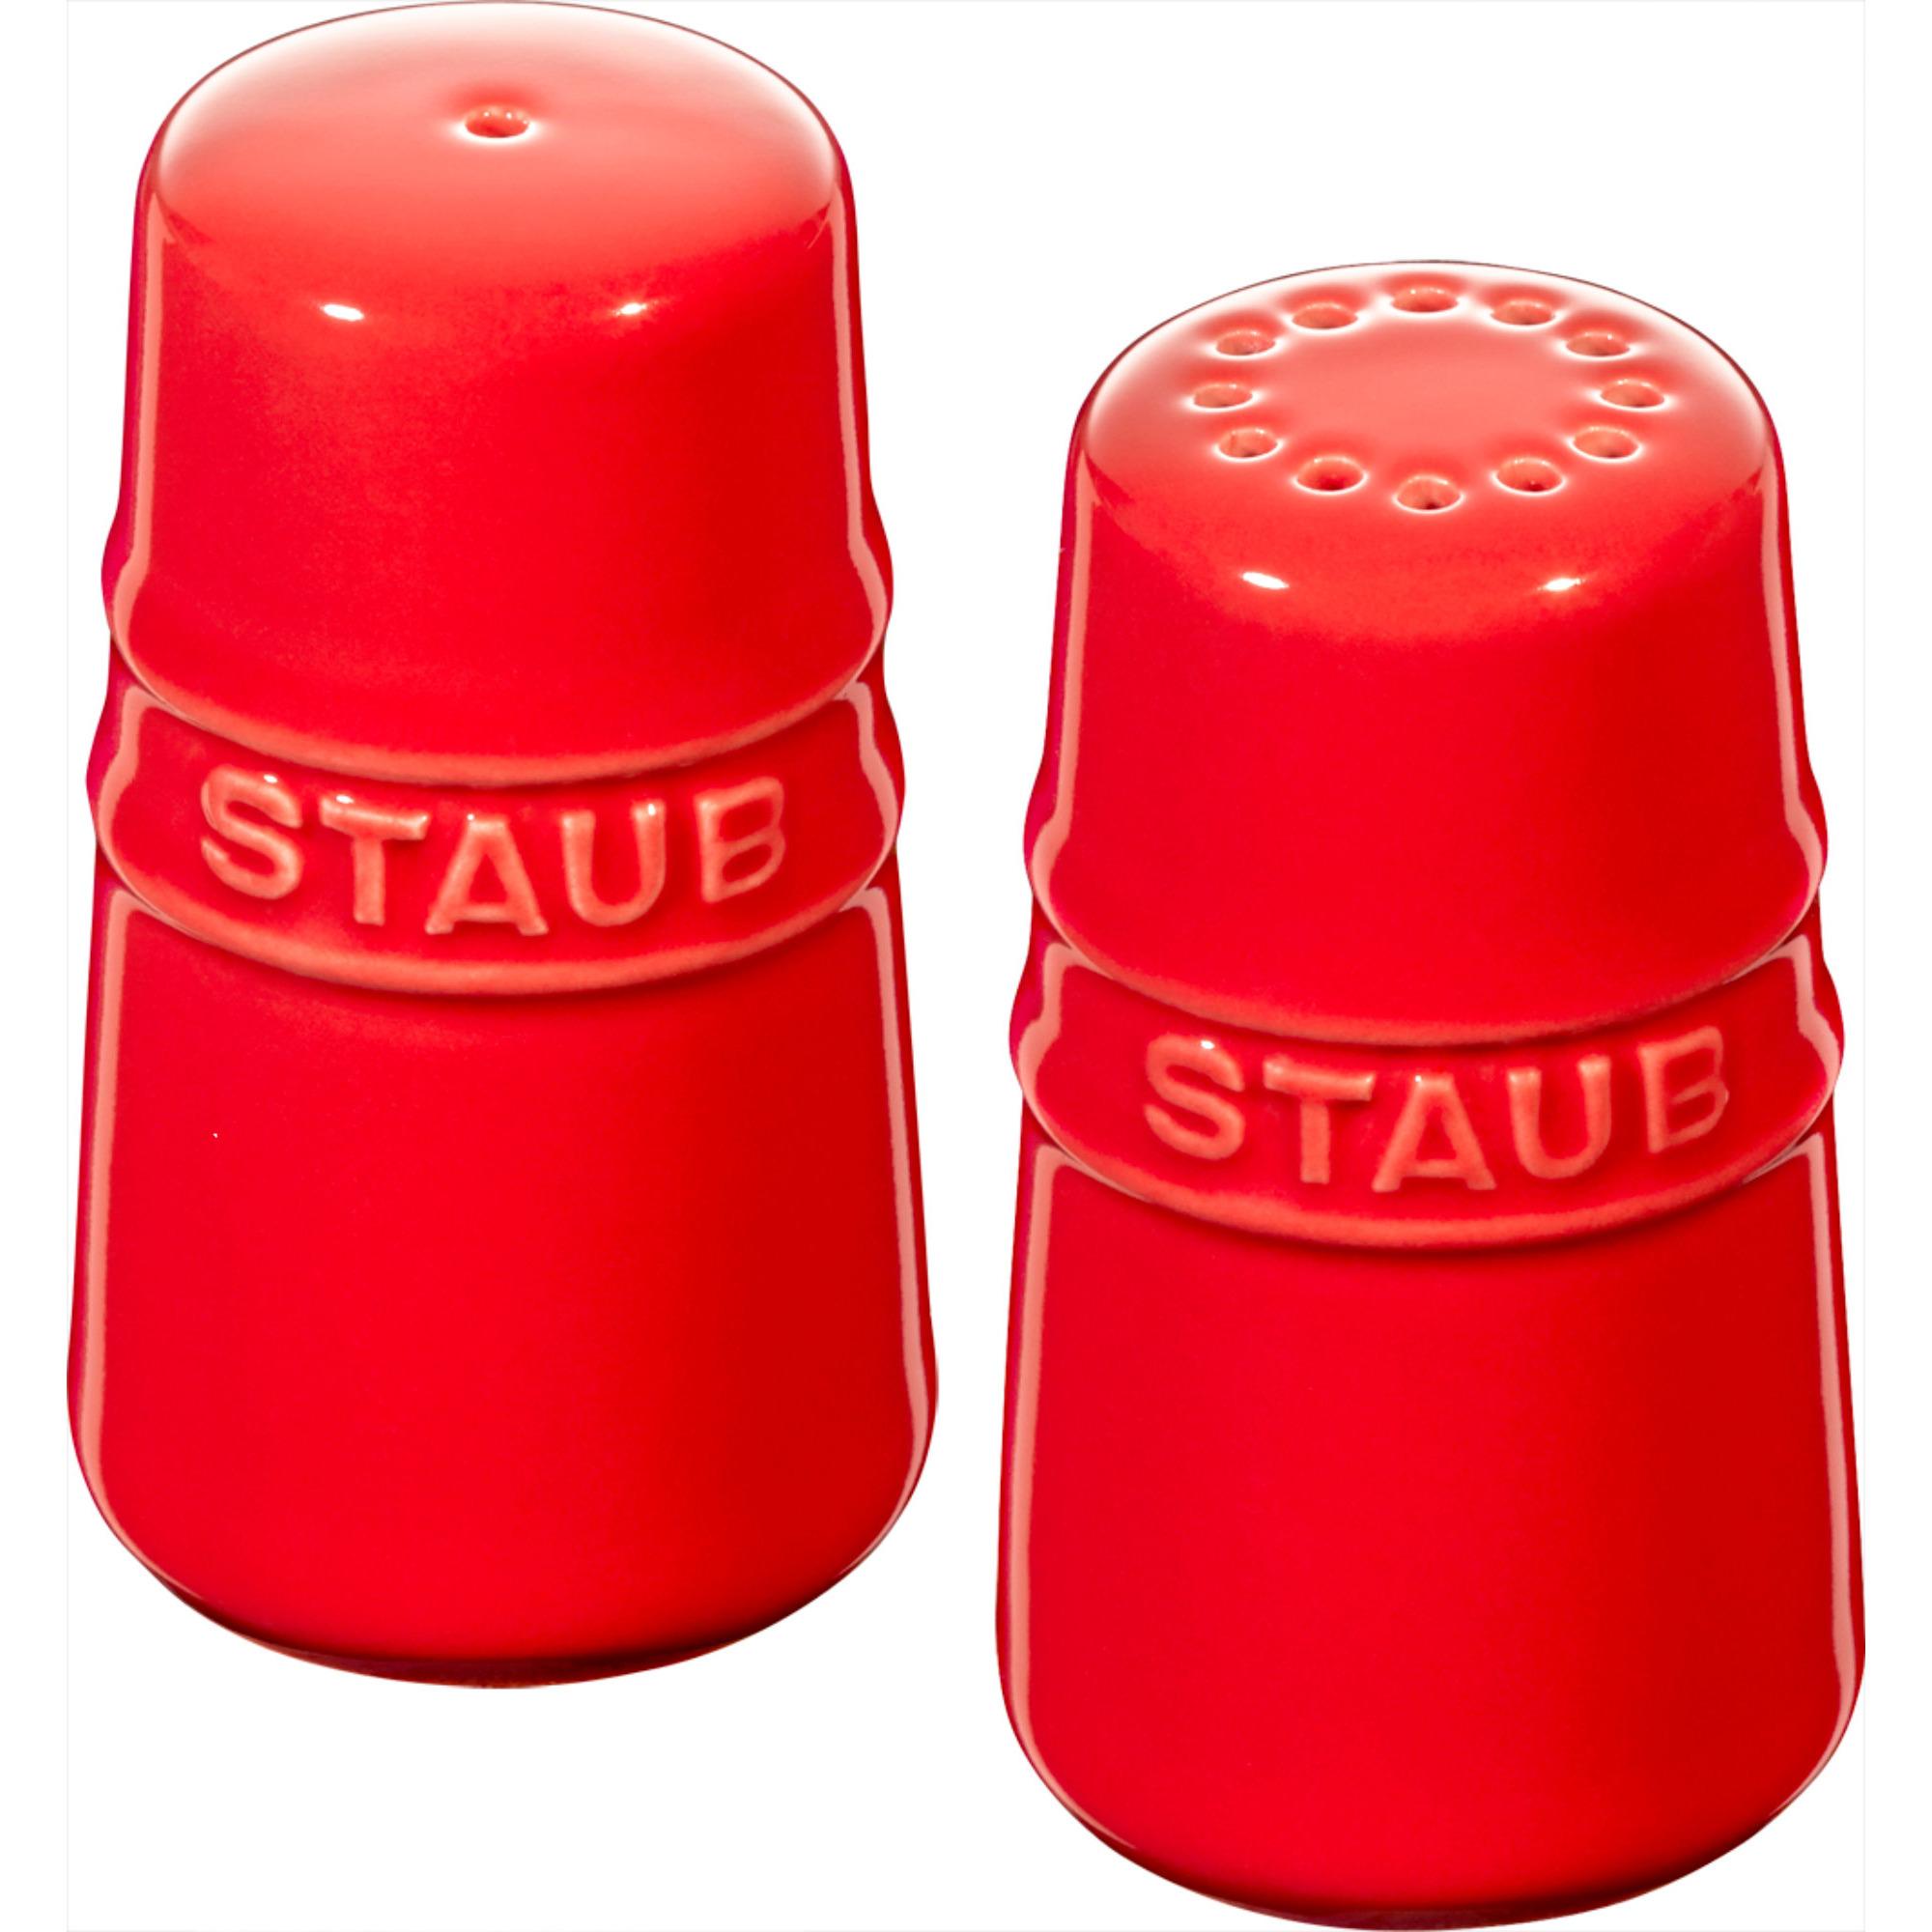 Staub Ceramic Salt & Peppar Set Röd 7 cm